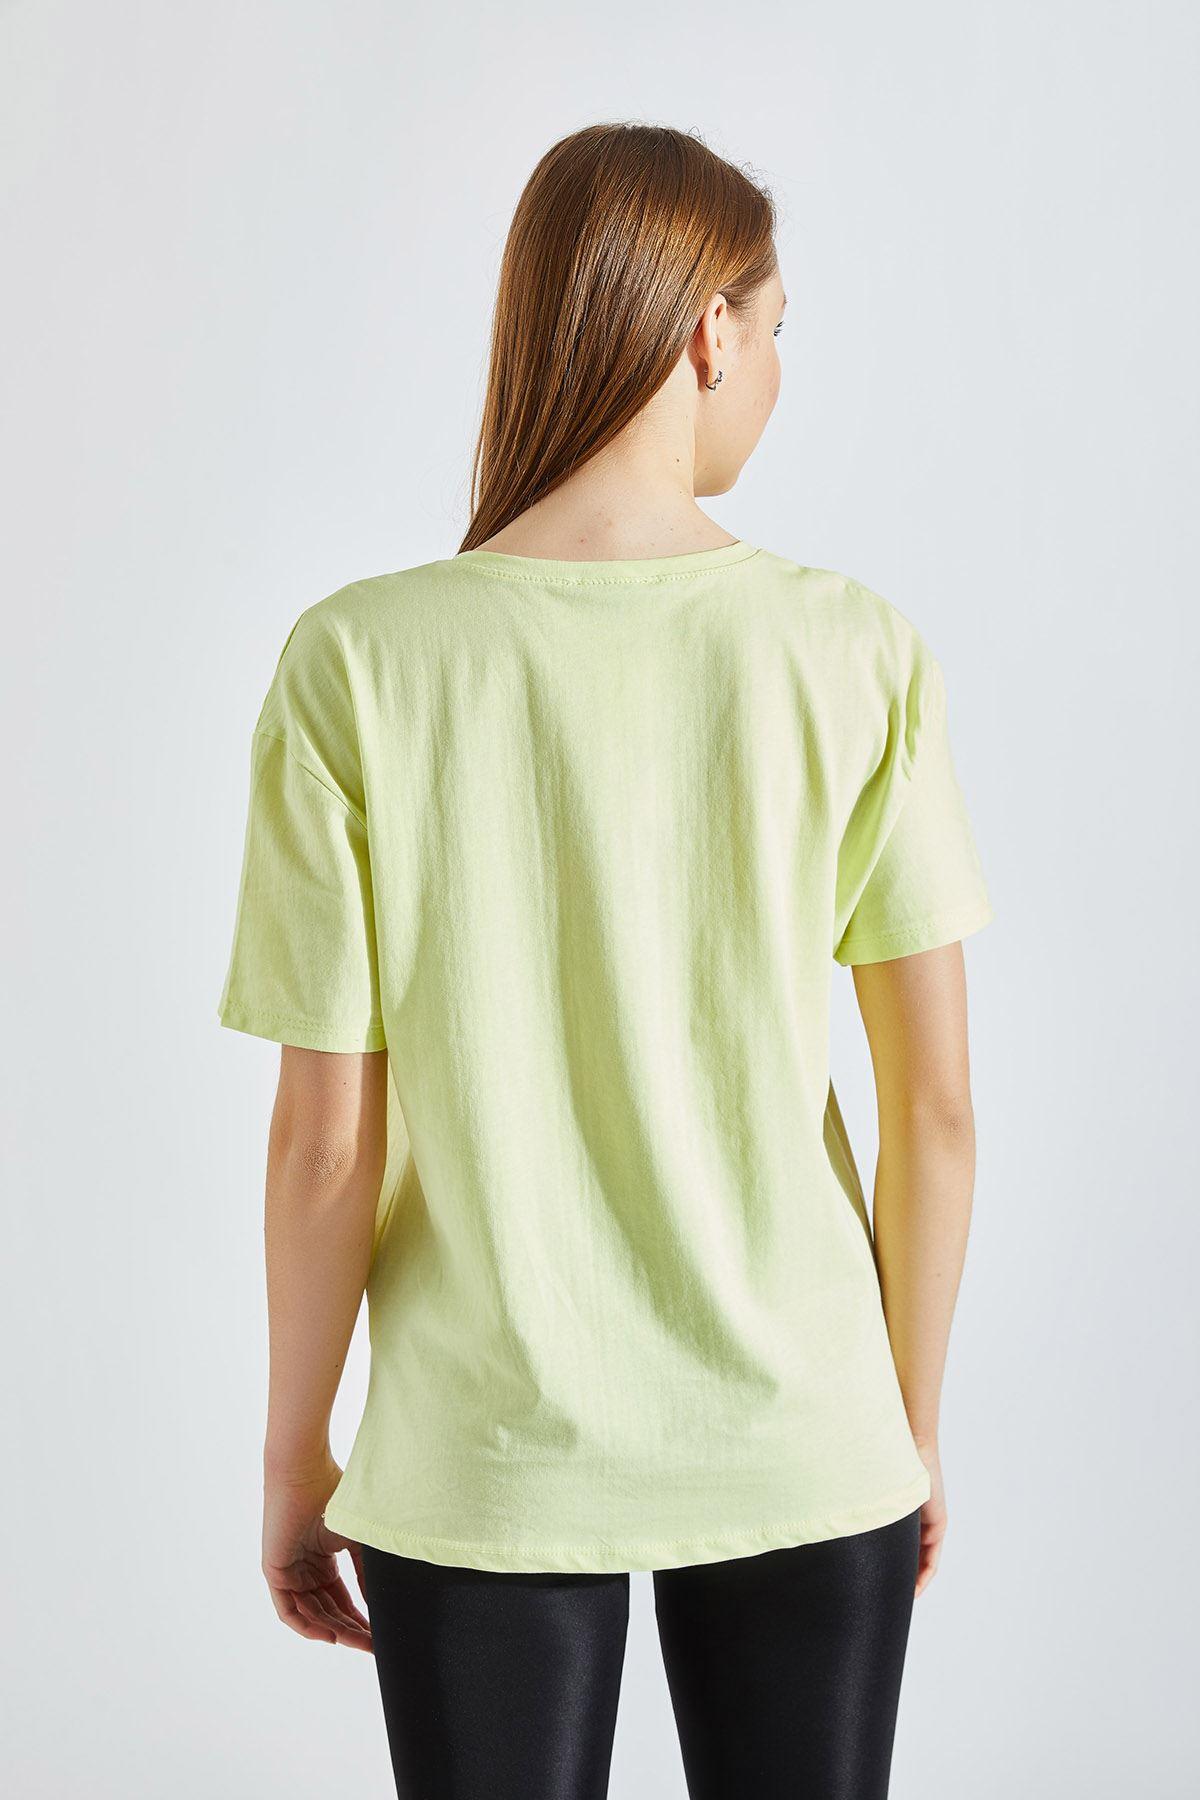 Kadın Baskılı Yeşil Tişört